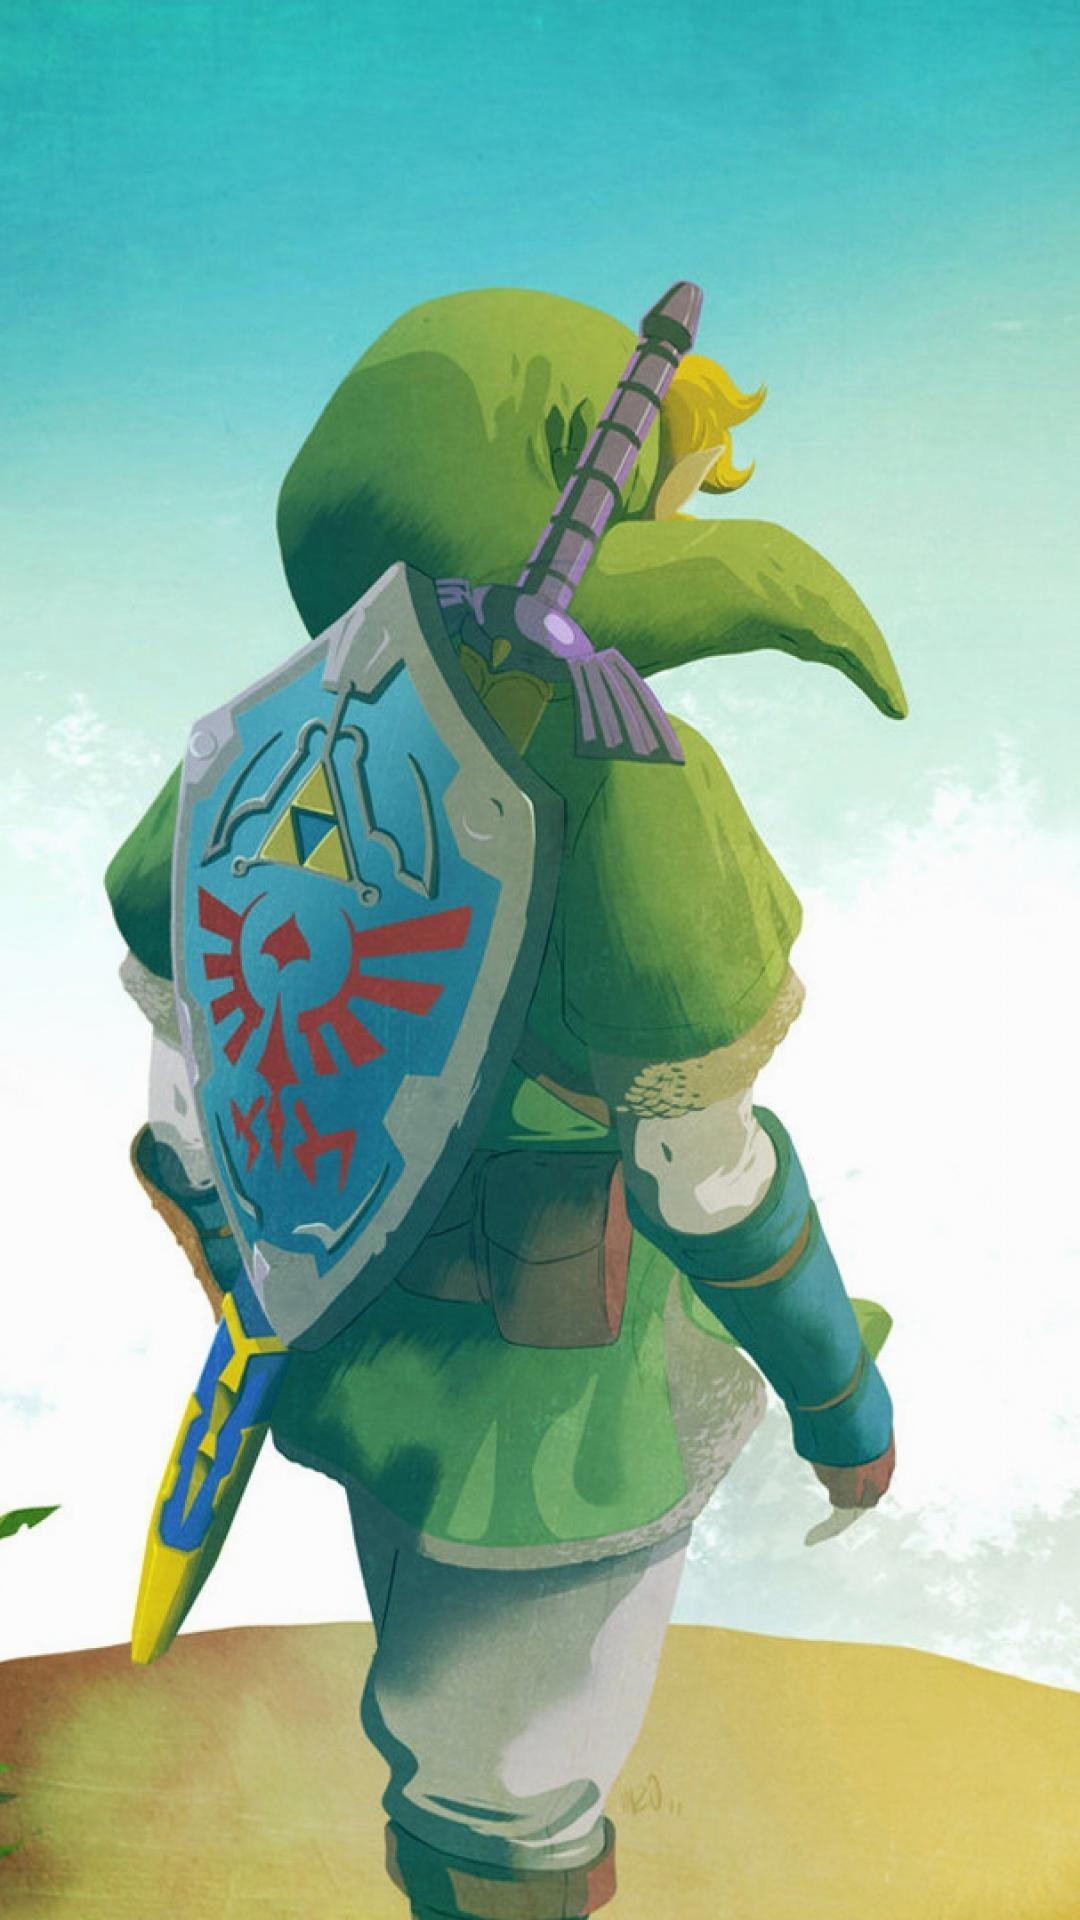 Legend Of Zelda Wallpaper Iphone X Legend Of Zelda Iphone Wallpaper 74 Images